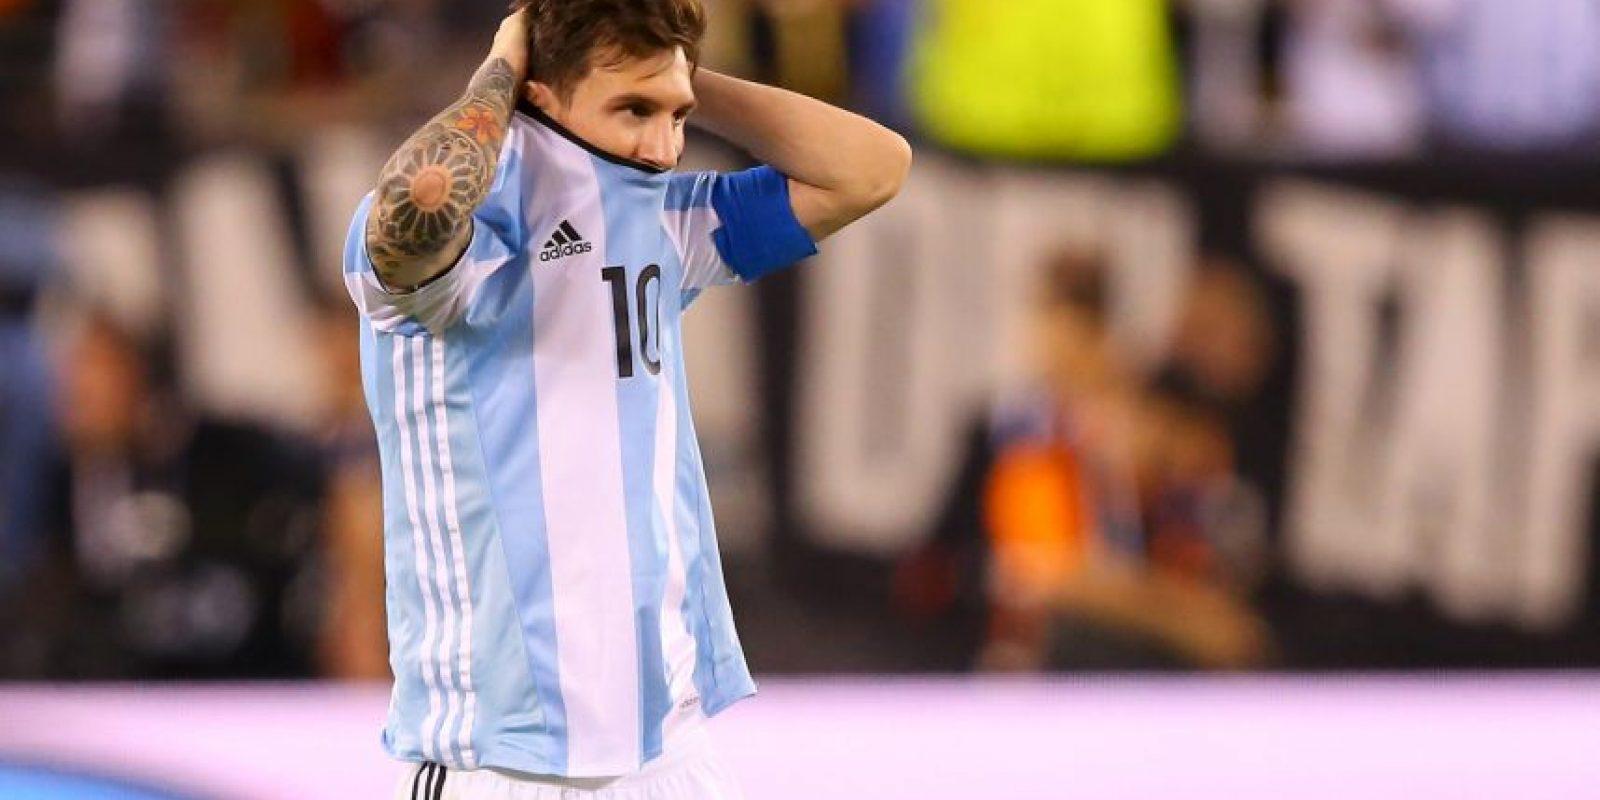 Los trasandinos cayeron por segundo año consecutivo ante Chile y en penales. Lionel Messi fue uno de los que falló Foto:Captura de pantalla